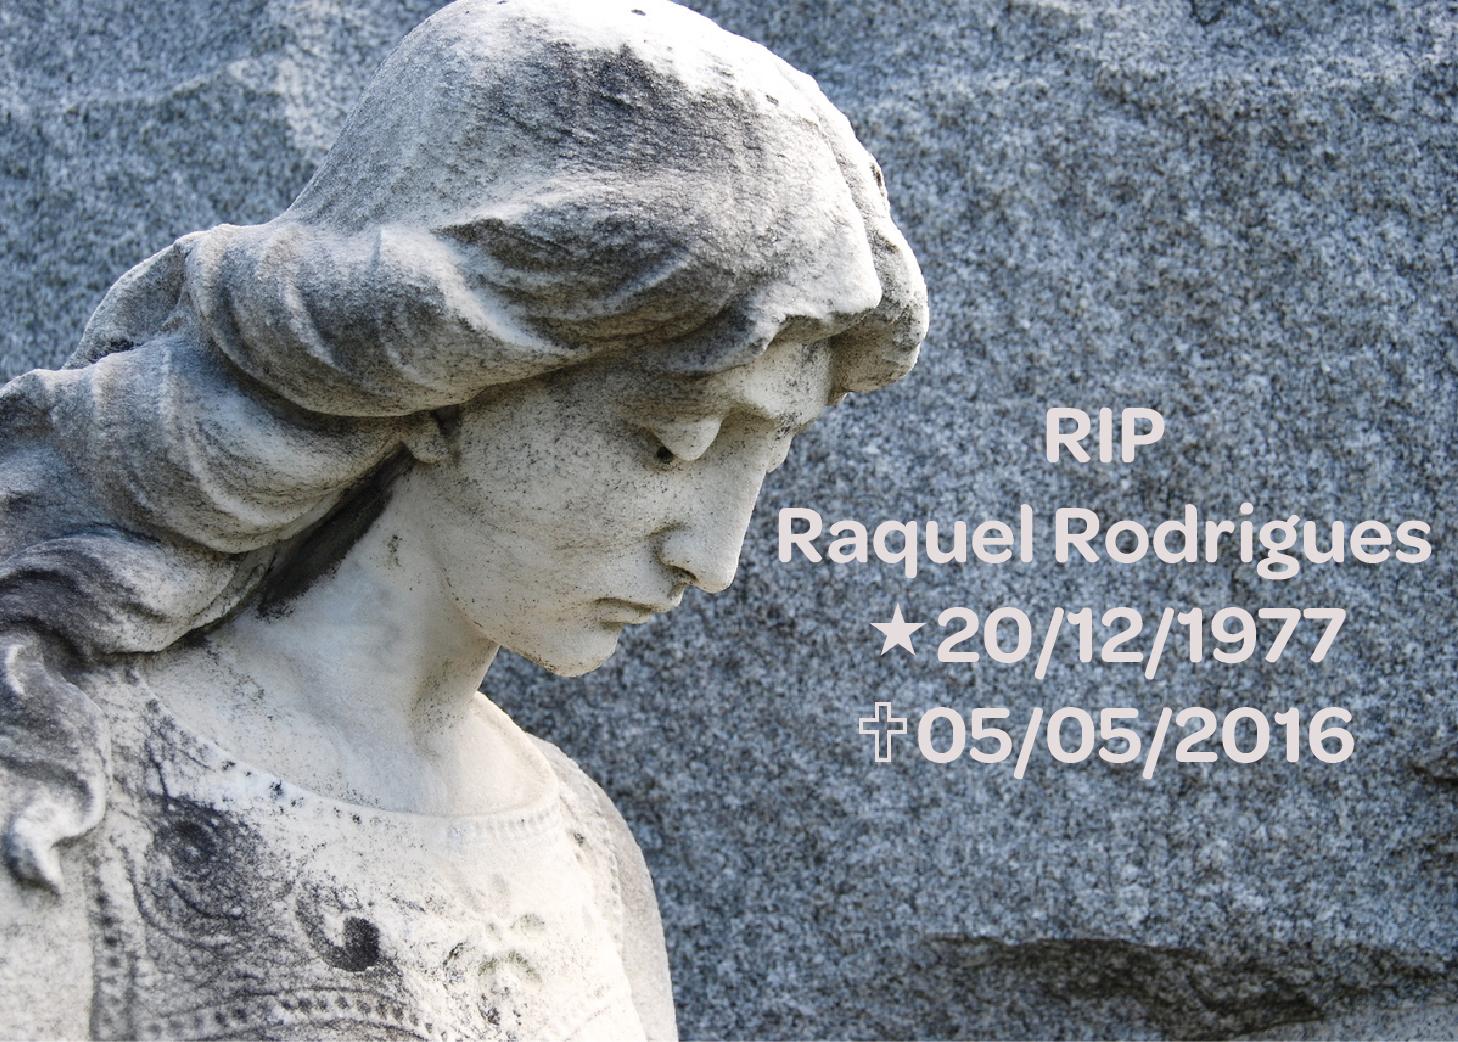 RIP Raquel Rodrigues